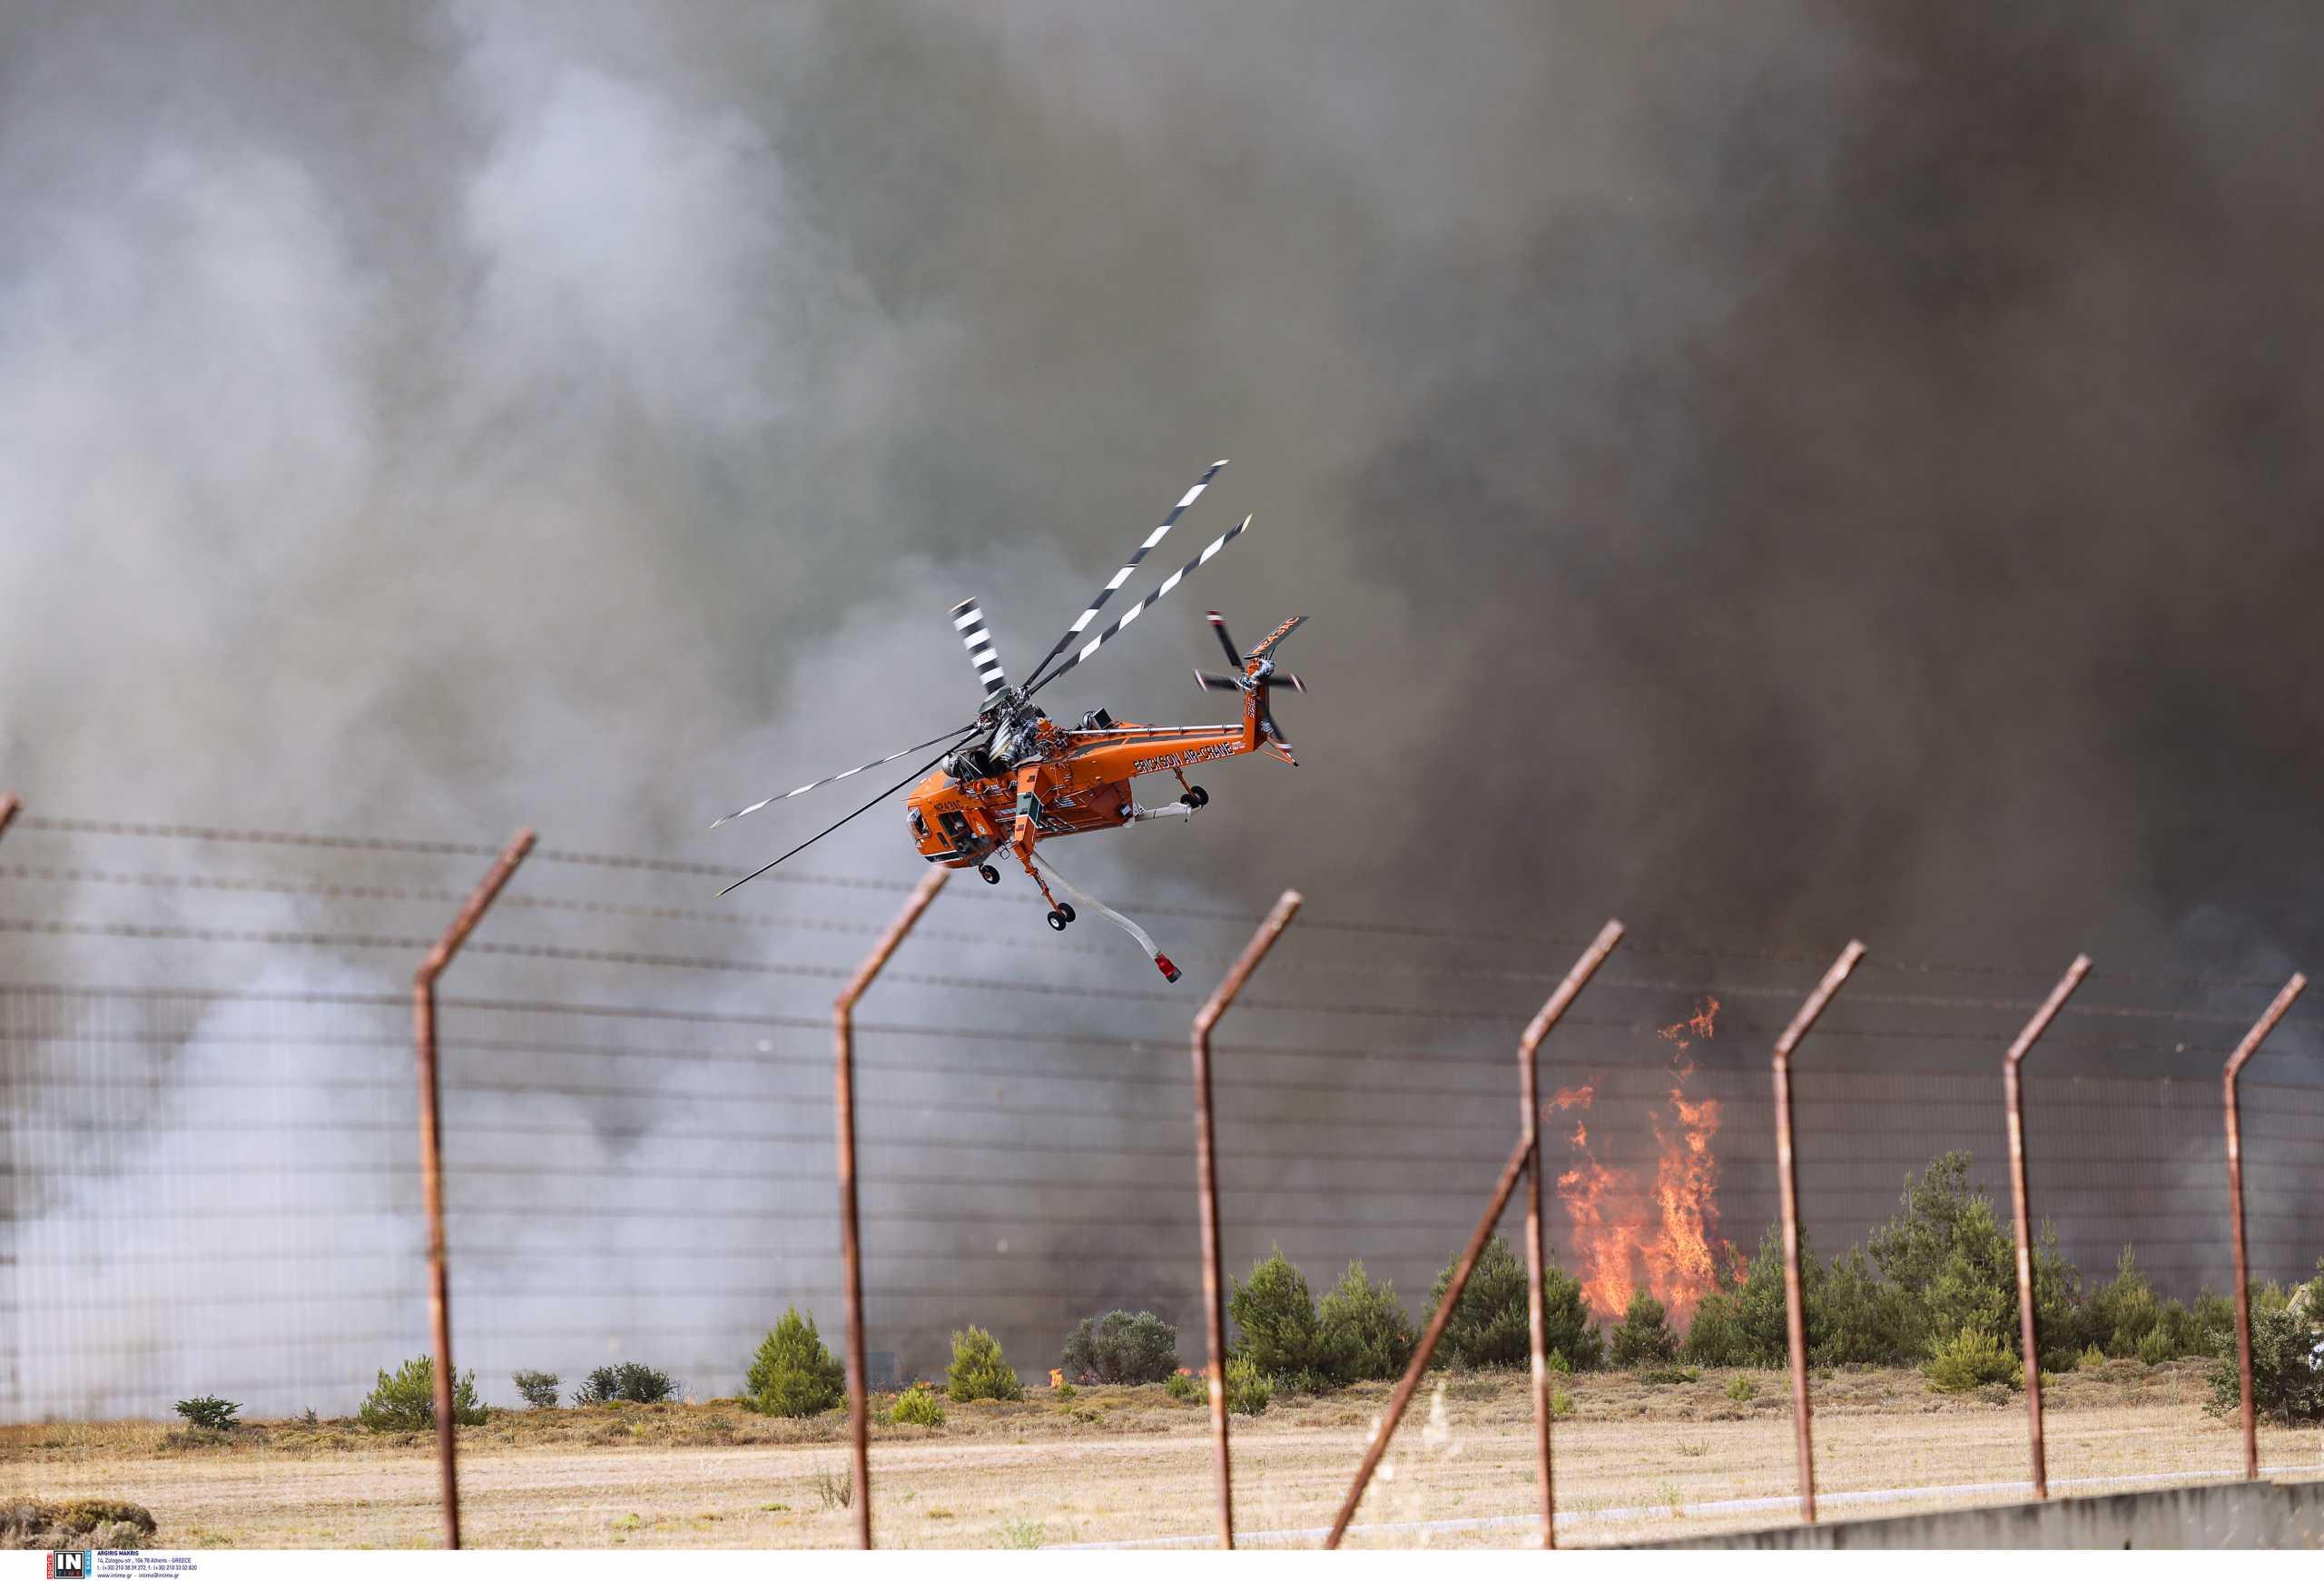 Φωτιά στη Βαρυμπόμπη: Κίνδυνος να μείνει χωρίς ρεύμα η Ανατολική Αττική – Έκτακτη σύσκεψη στον ΑΔΜΗΕ